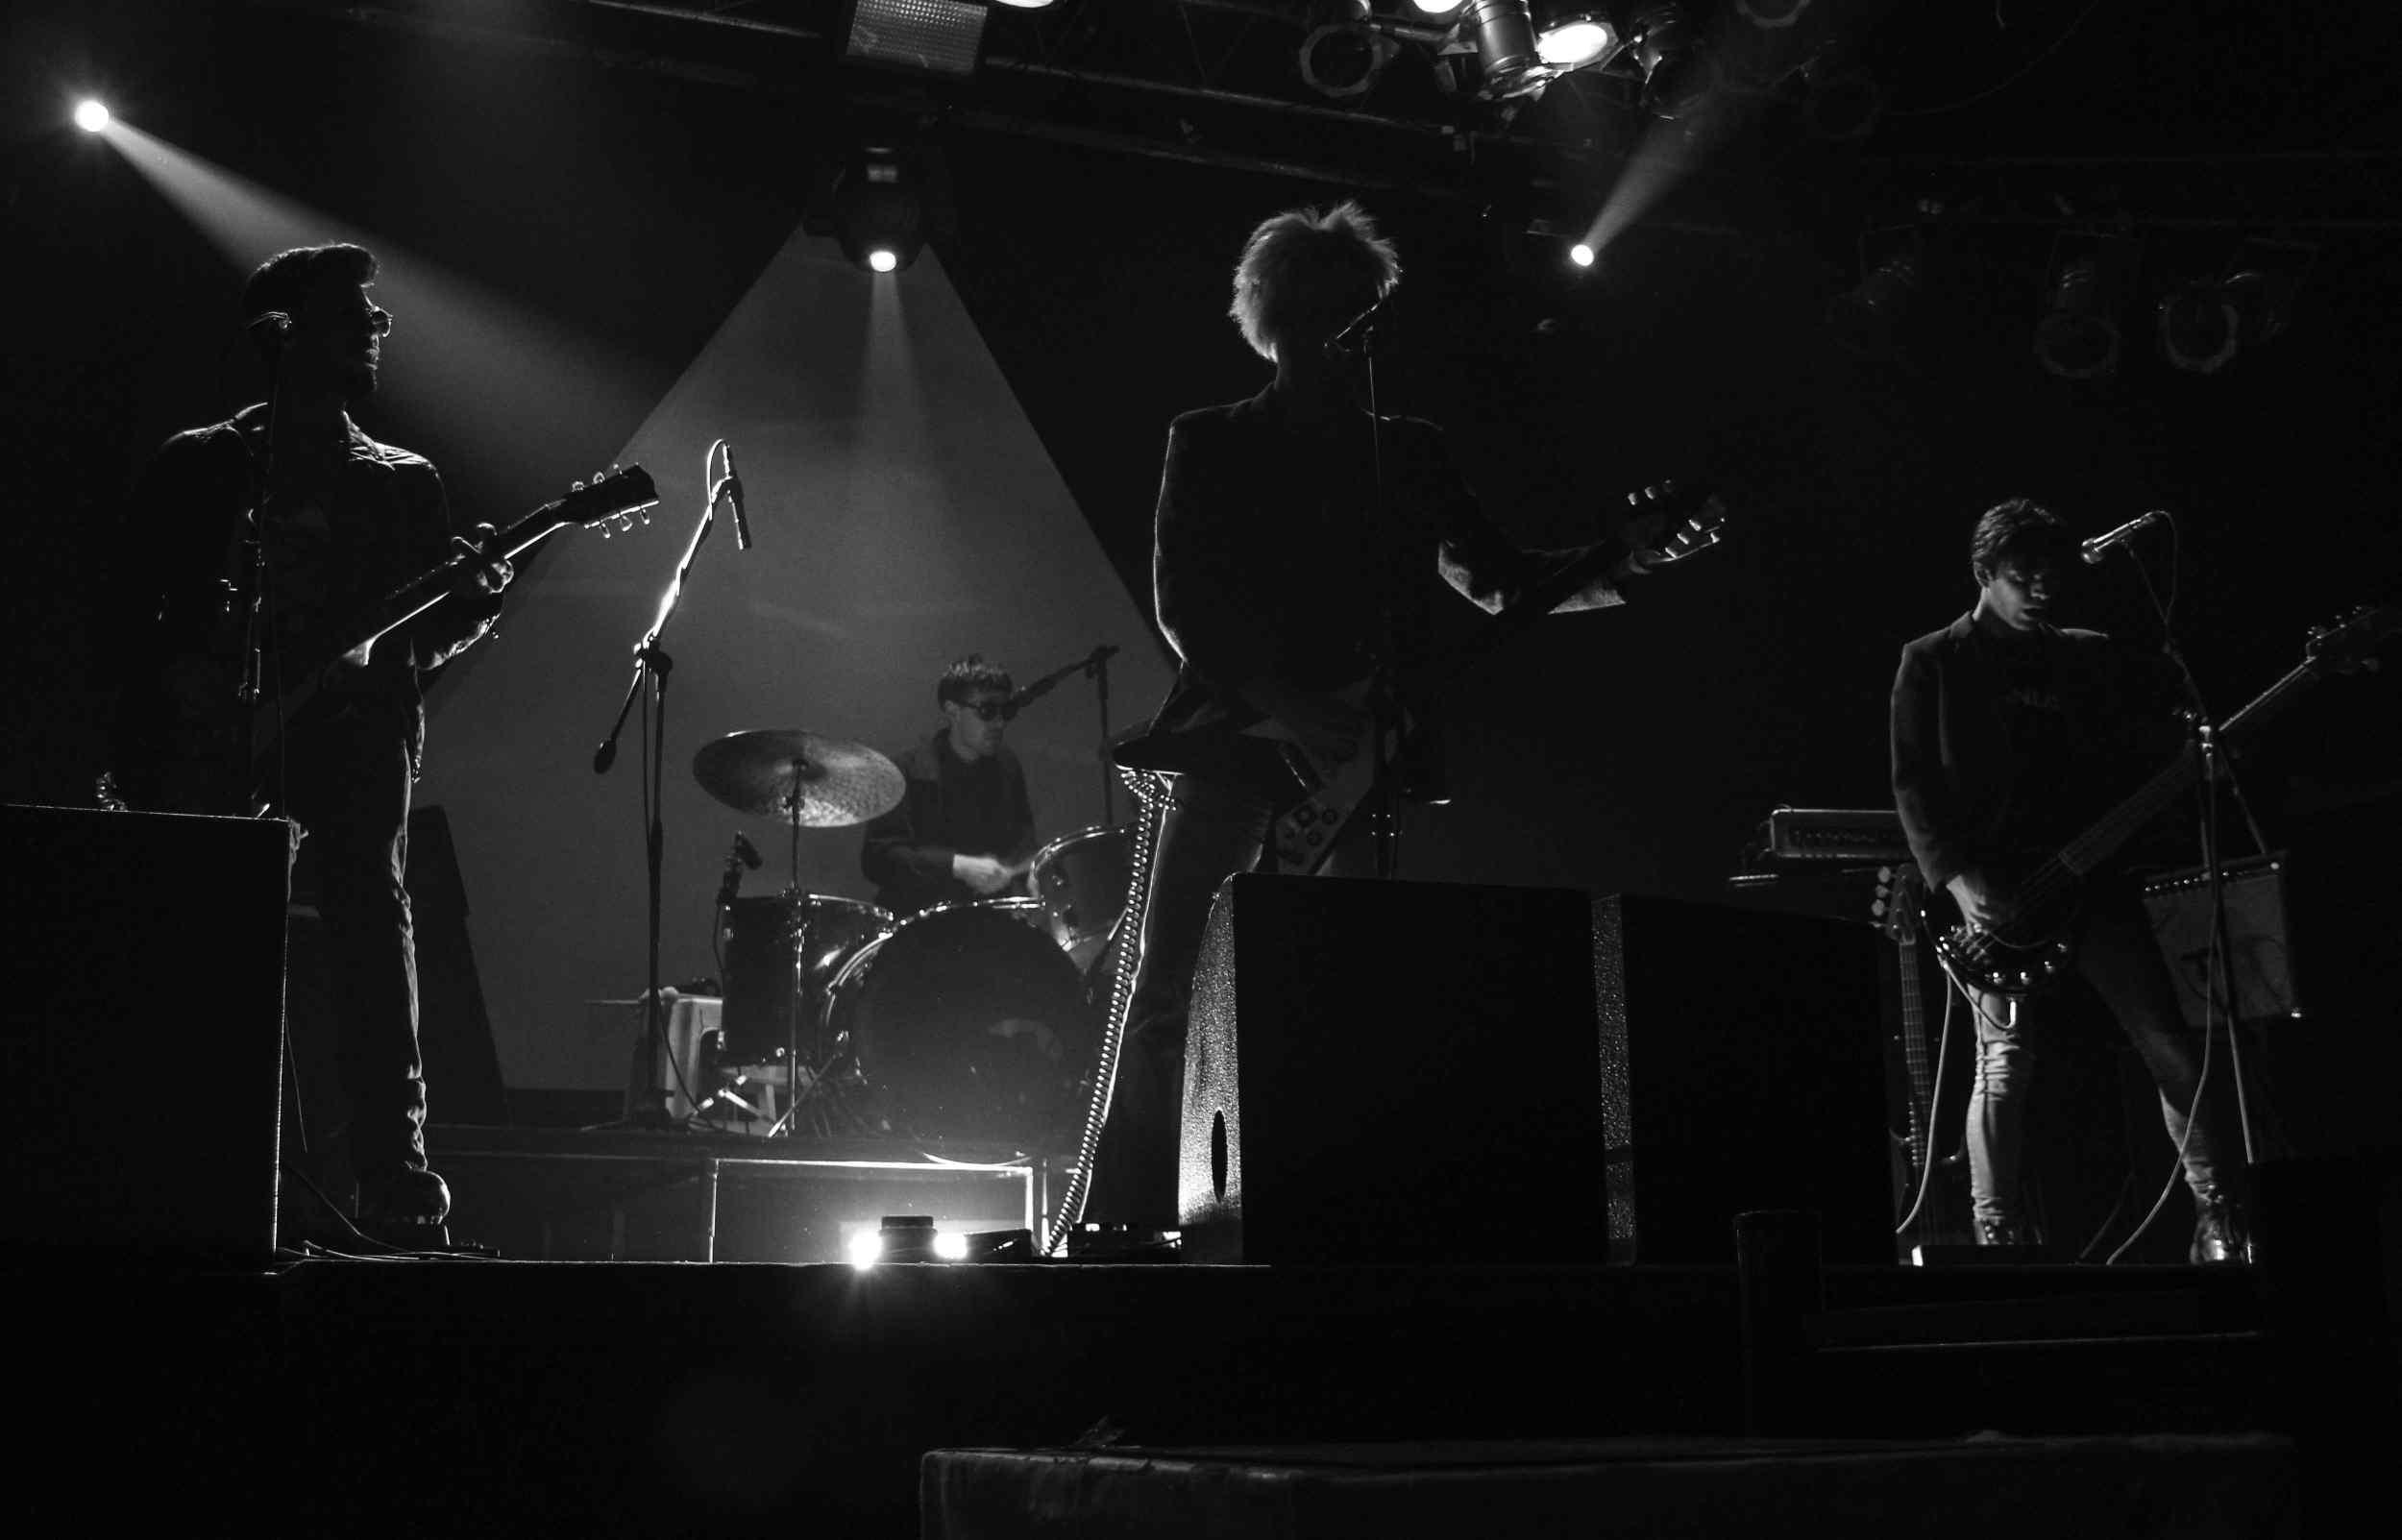 De versiones rock